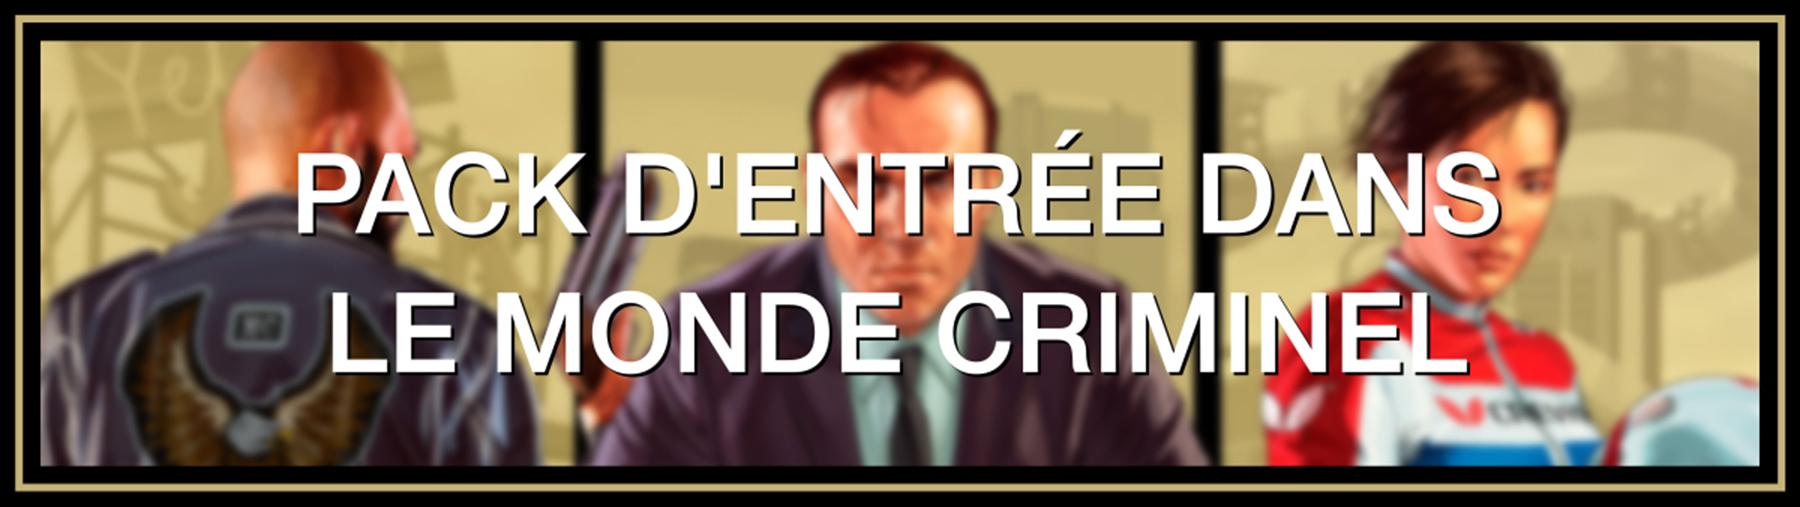 Pack d'entrée dans le monde criminel